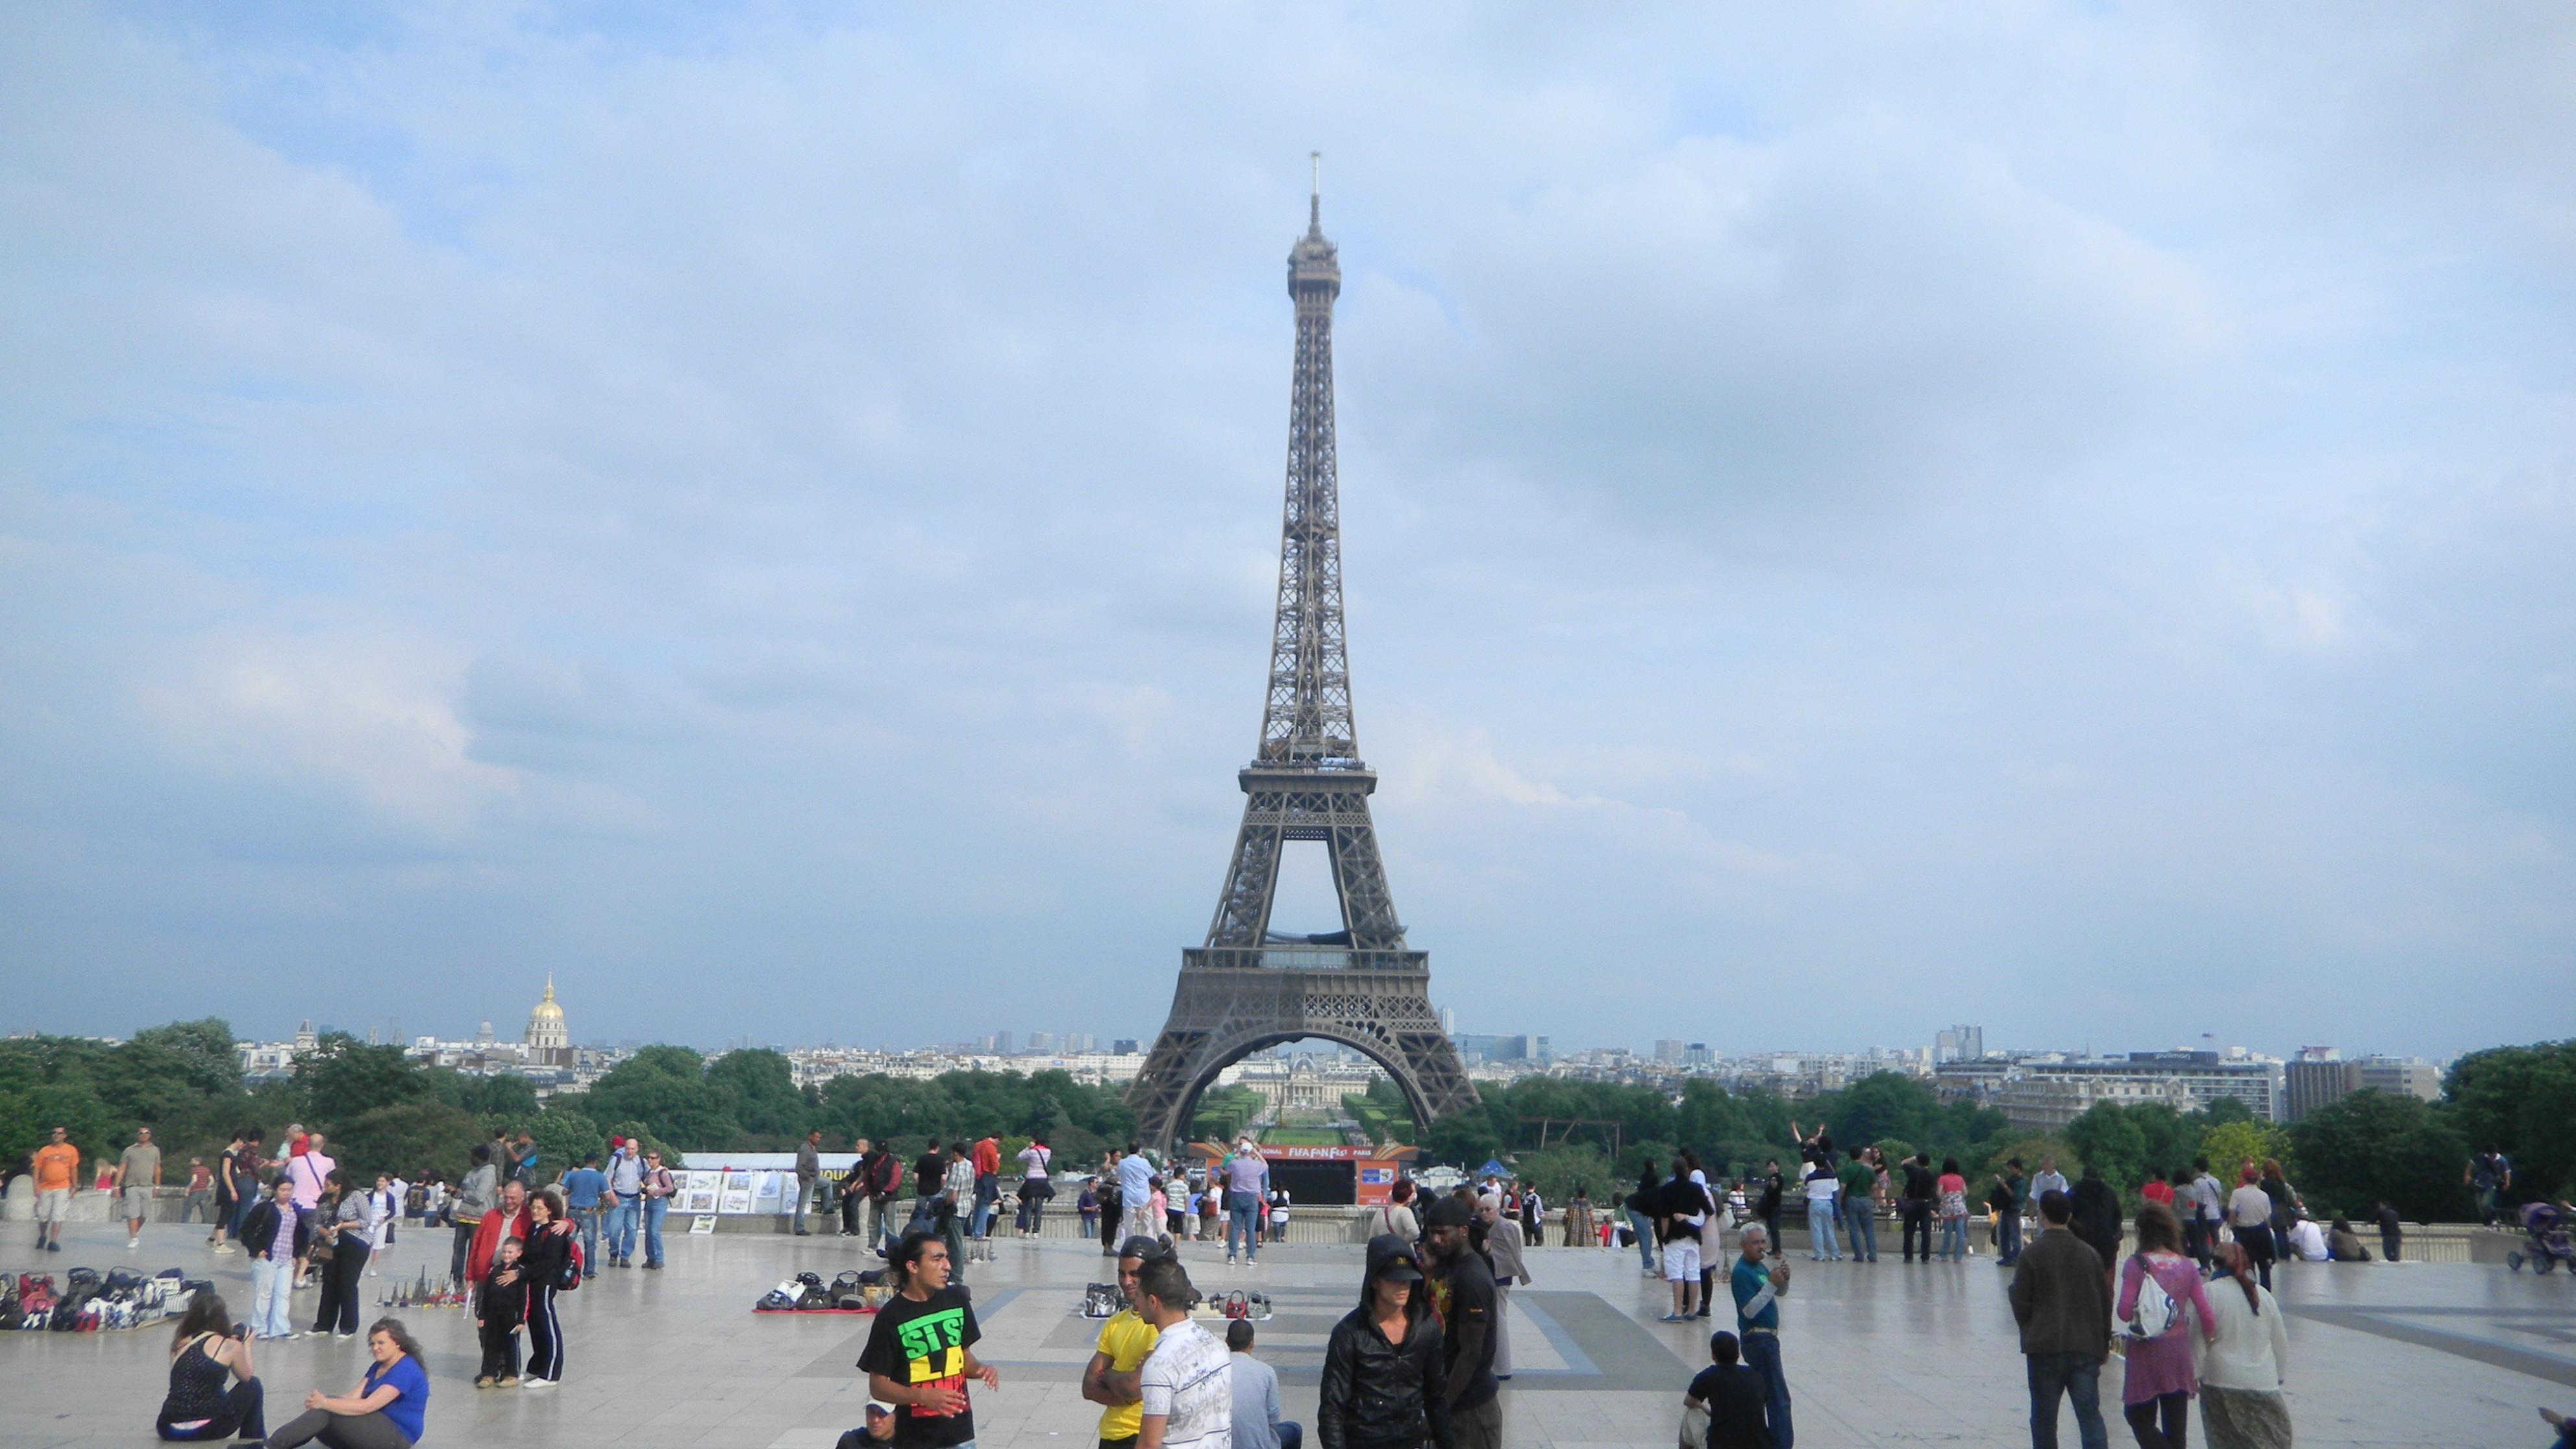 وزیر بهداشت فرانسه: شدت گرما در فرانسه جان یک هزار و پانصد نفر را گرفت